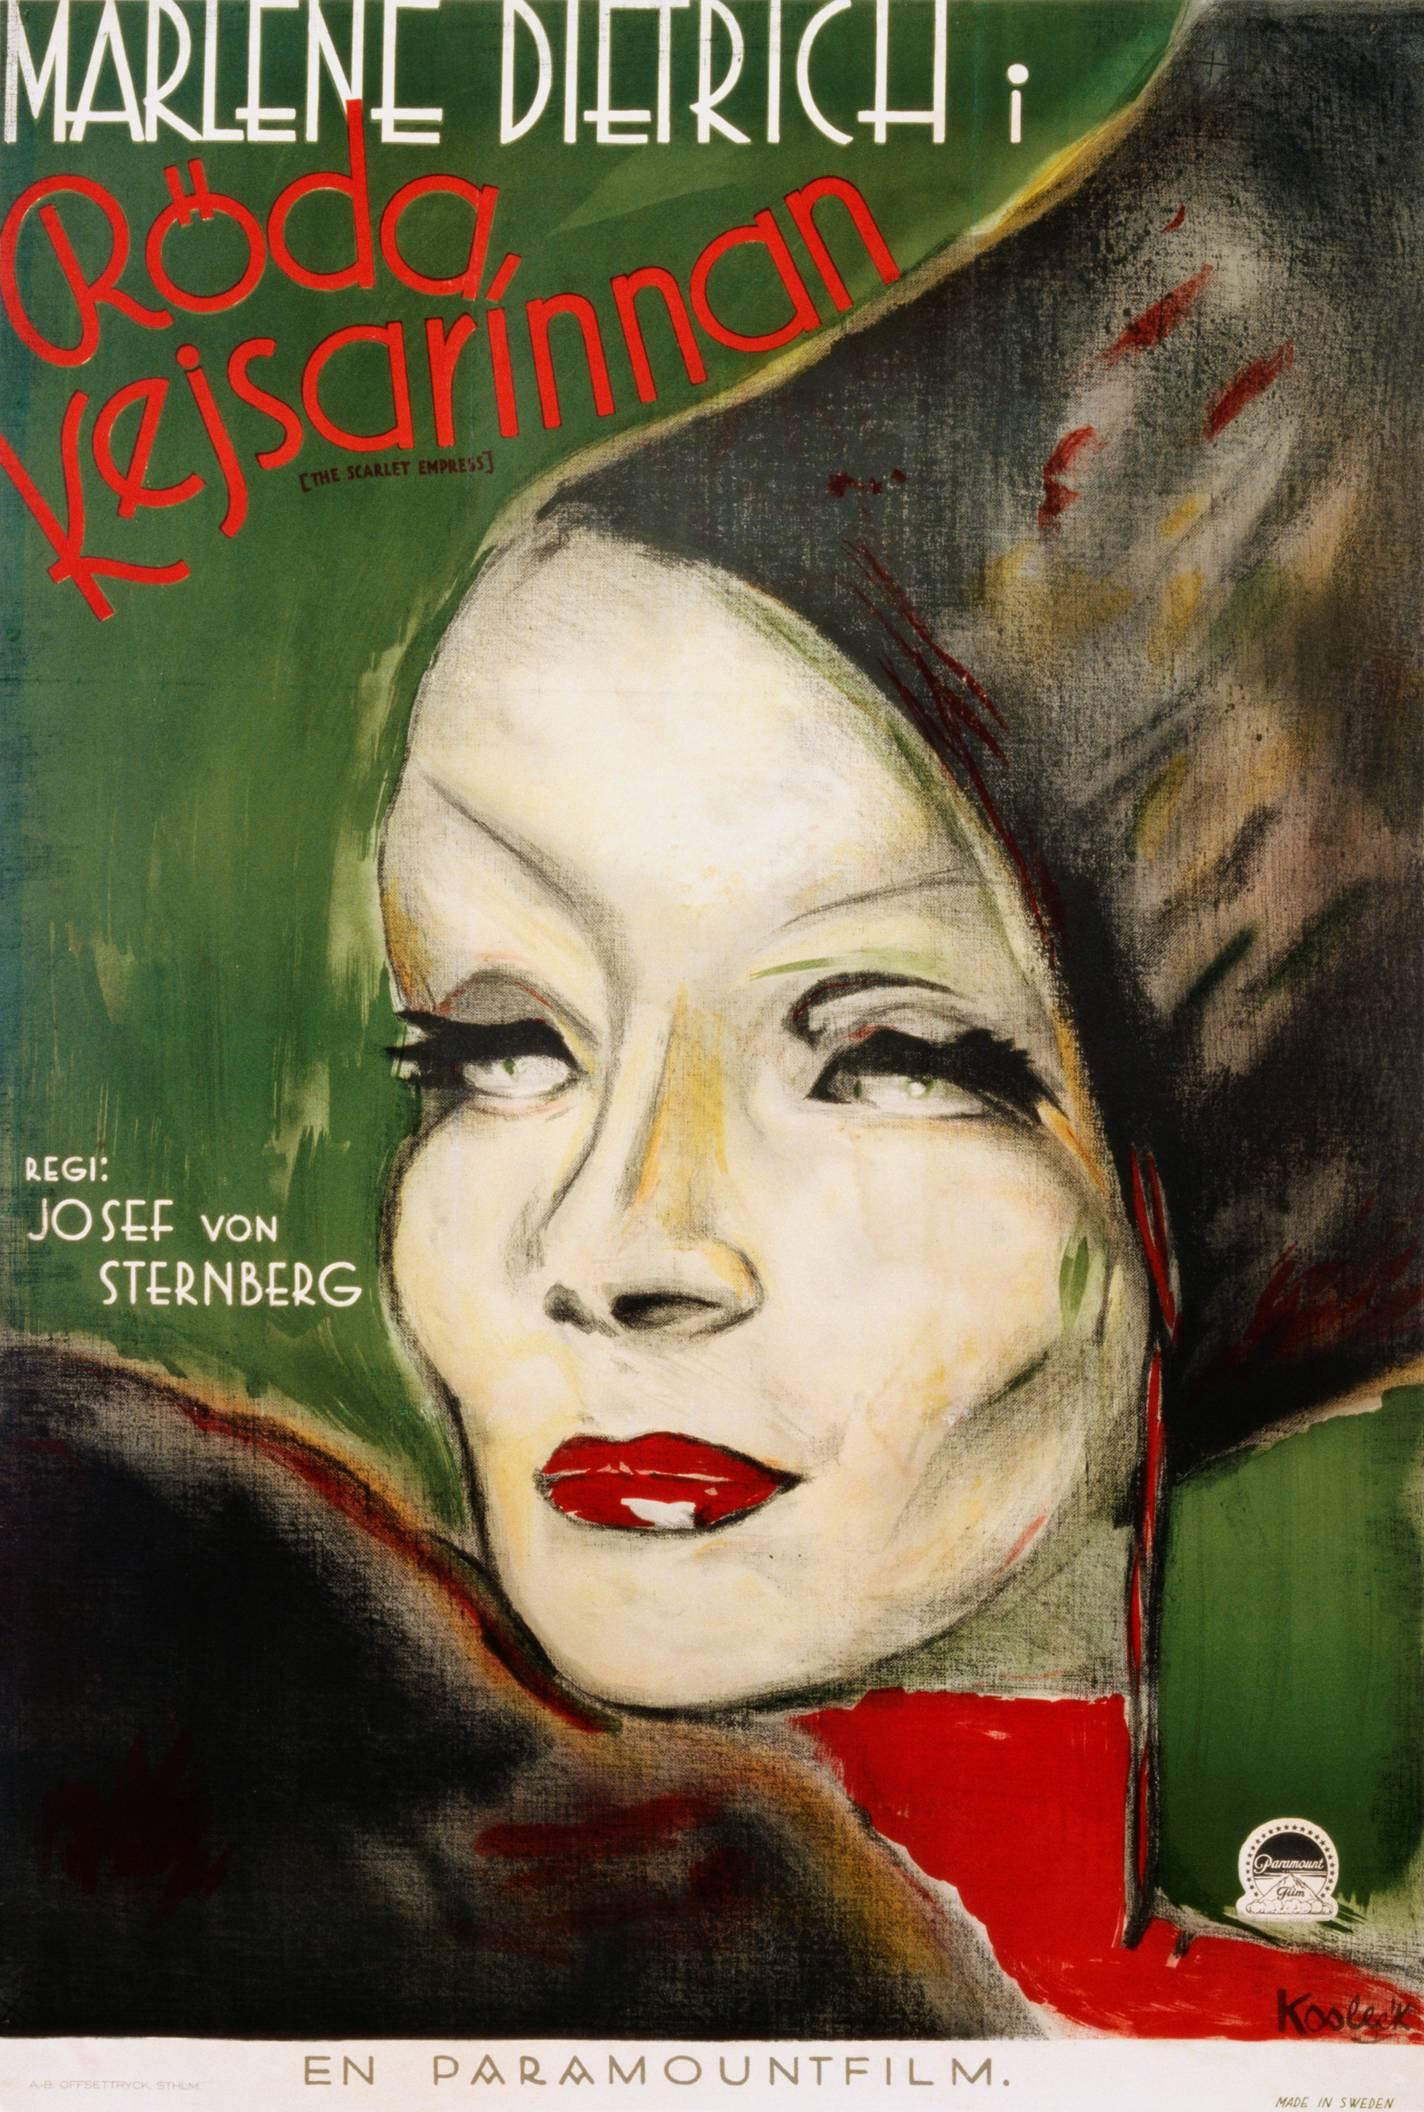 Marlene Dietrich in The Scarlet Empress (1934)